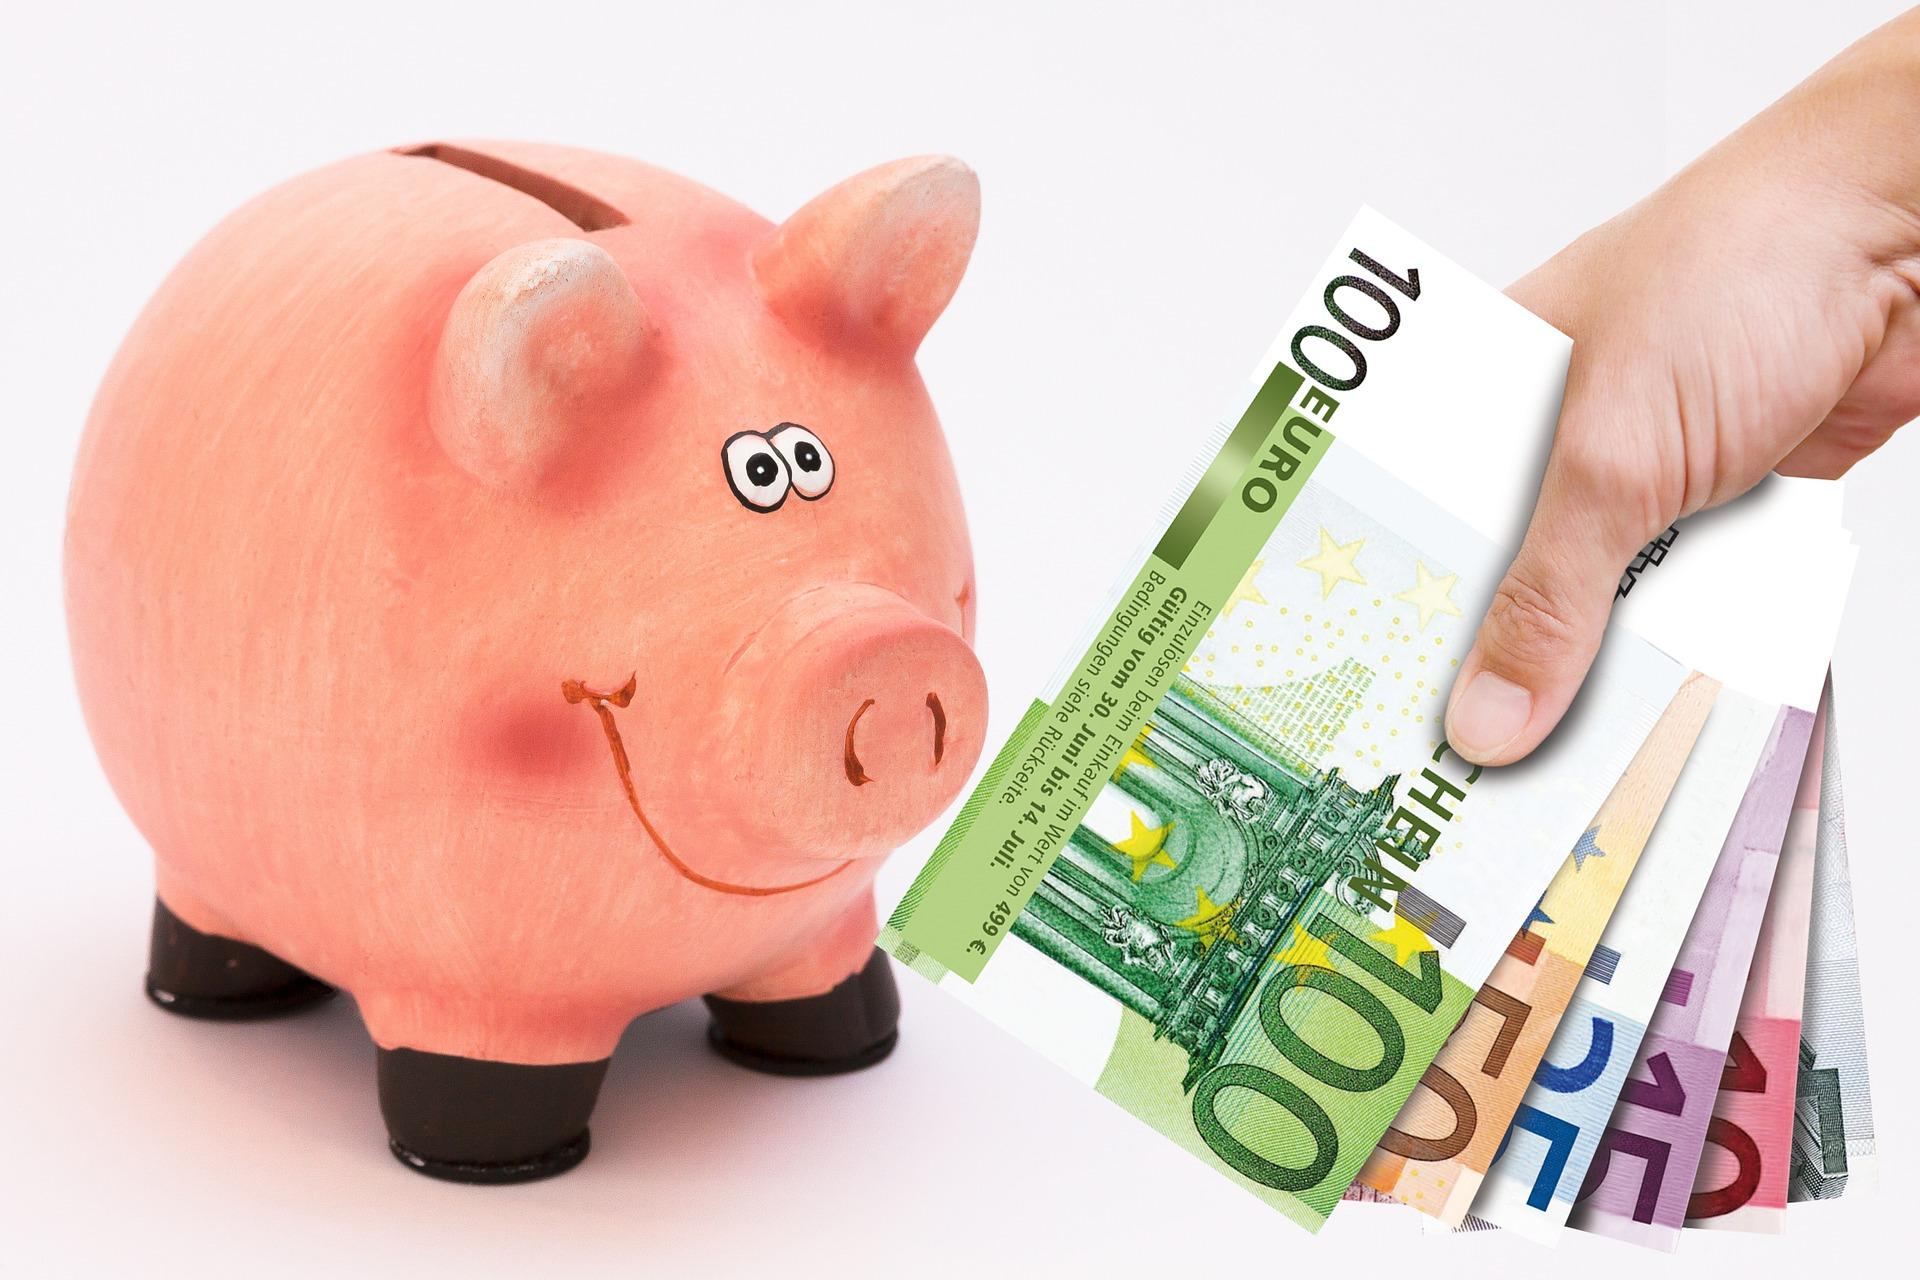 piggy-bank-1047215_1920.jpg